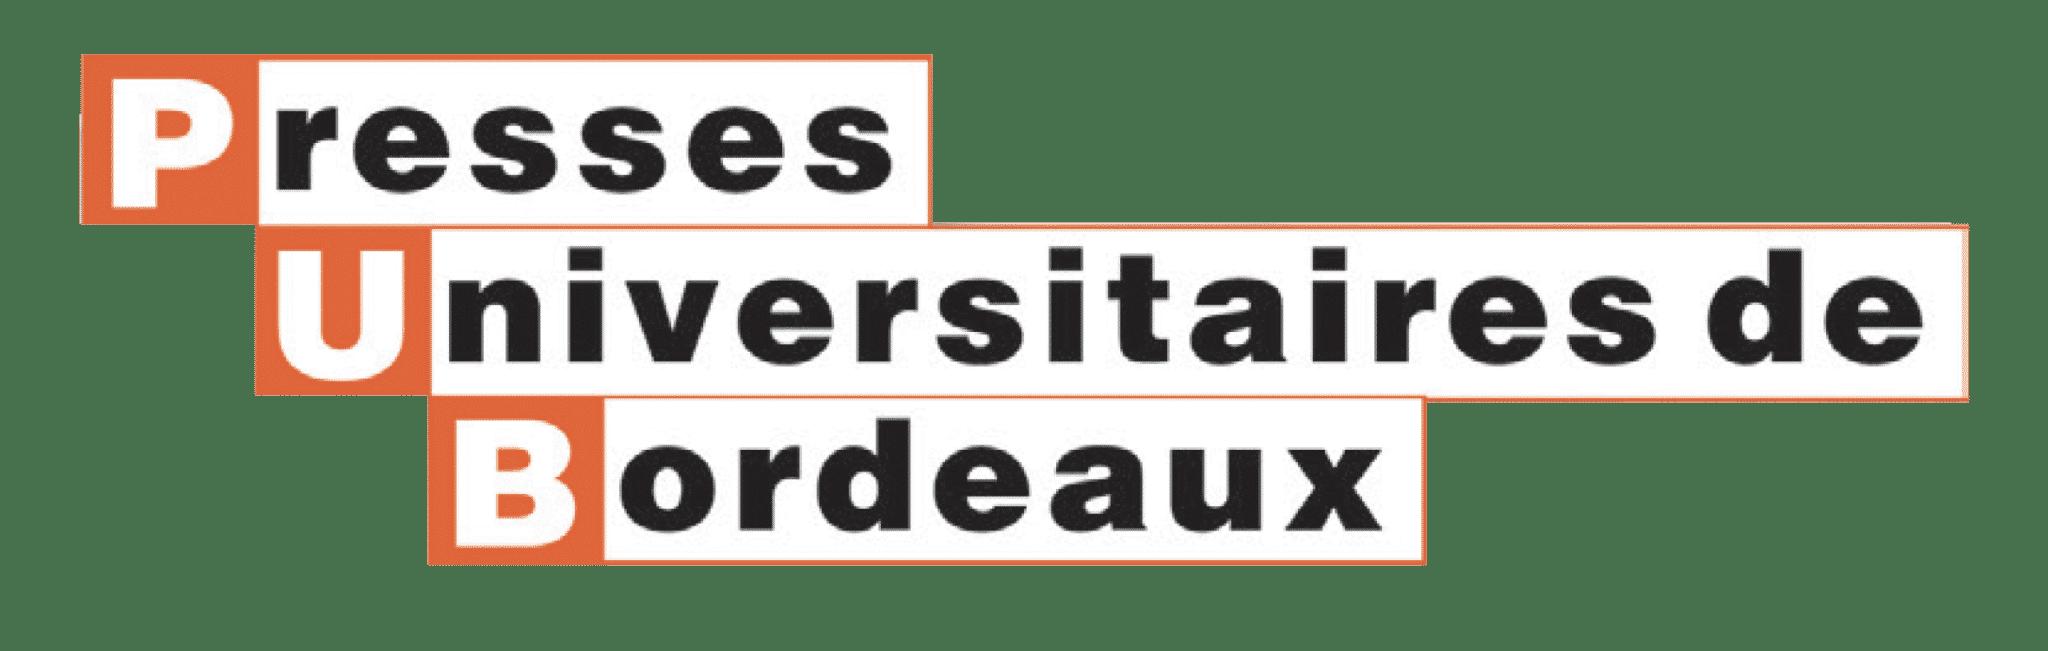 logo presses universitaires de Bordeaux